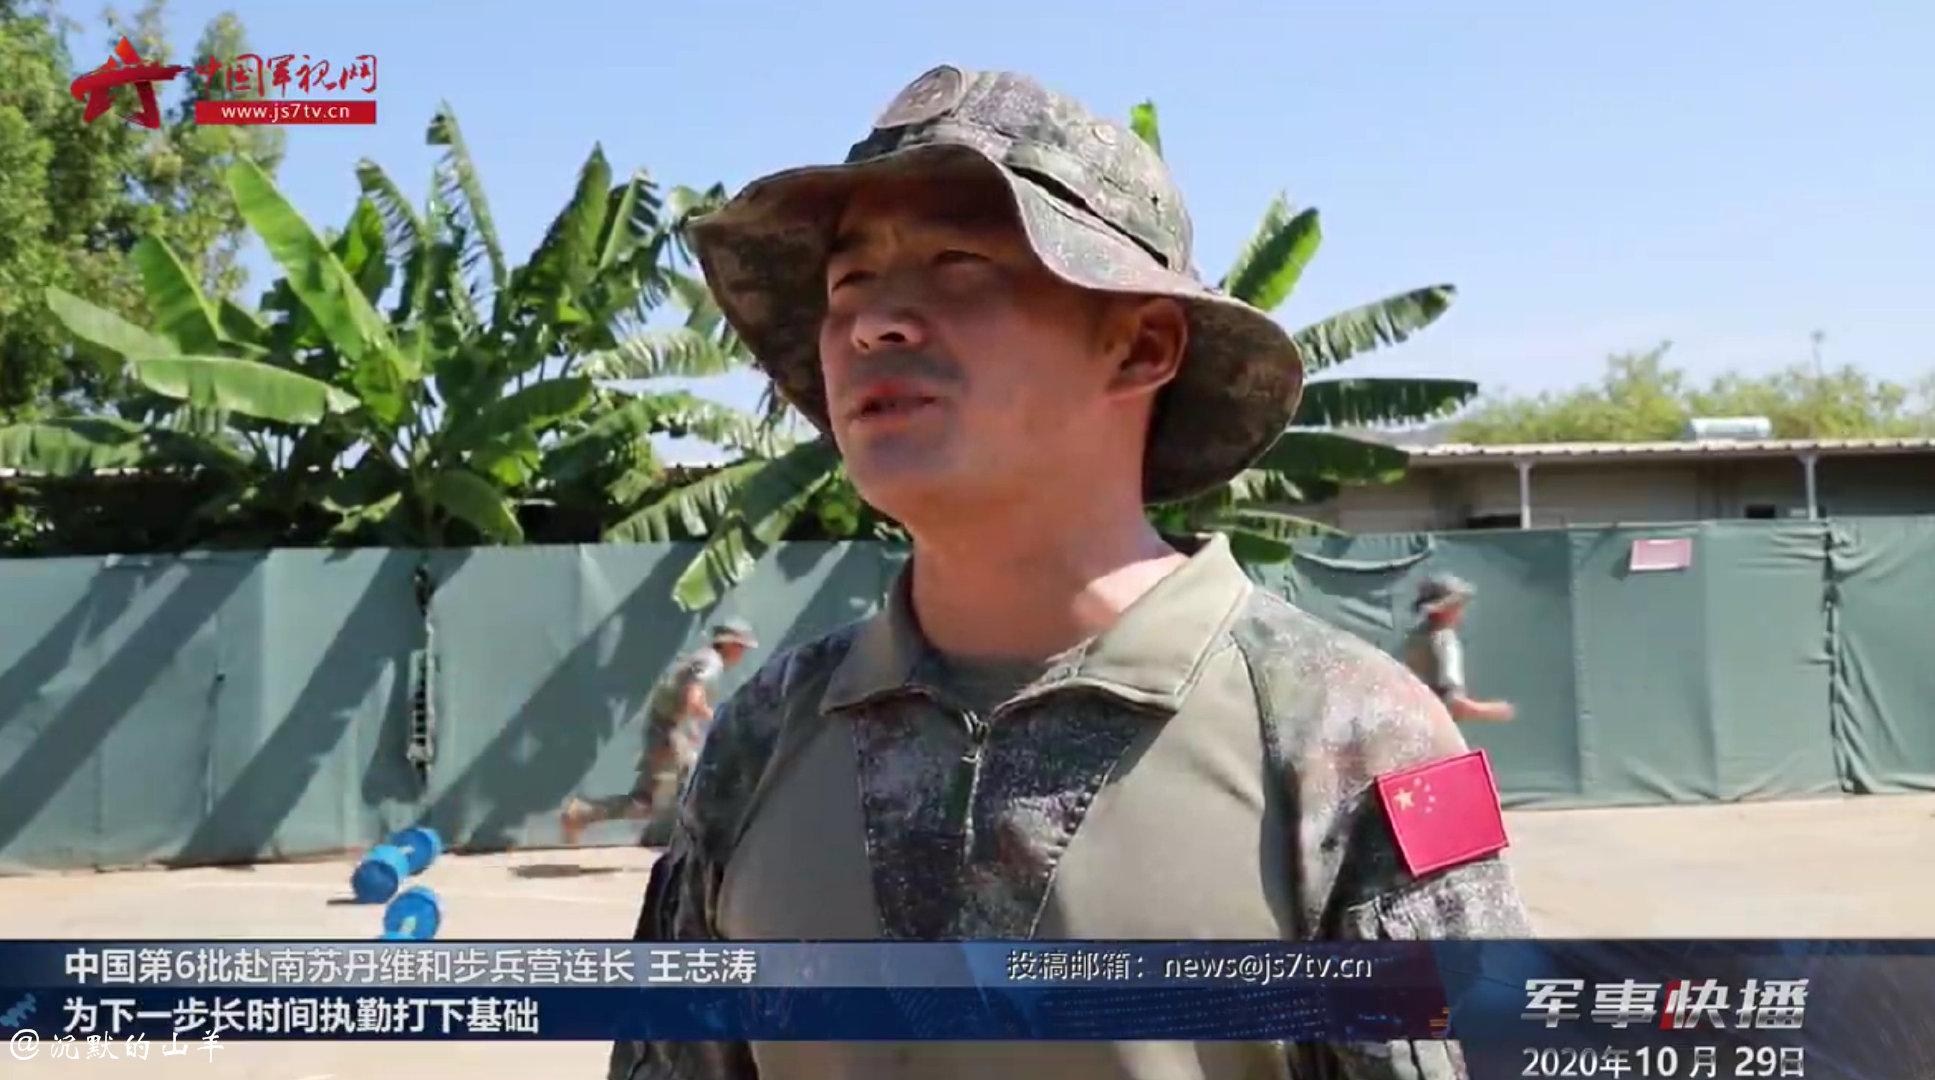 中国第6批赴南苏丹(朱巴)维和步兵营组织开展军事技能比武竞赛